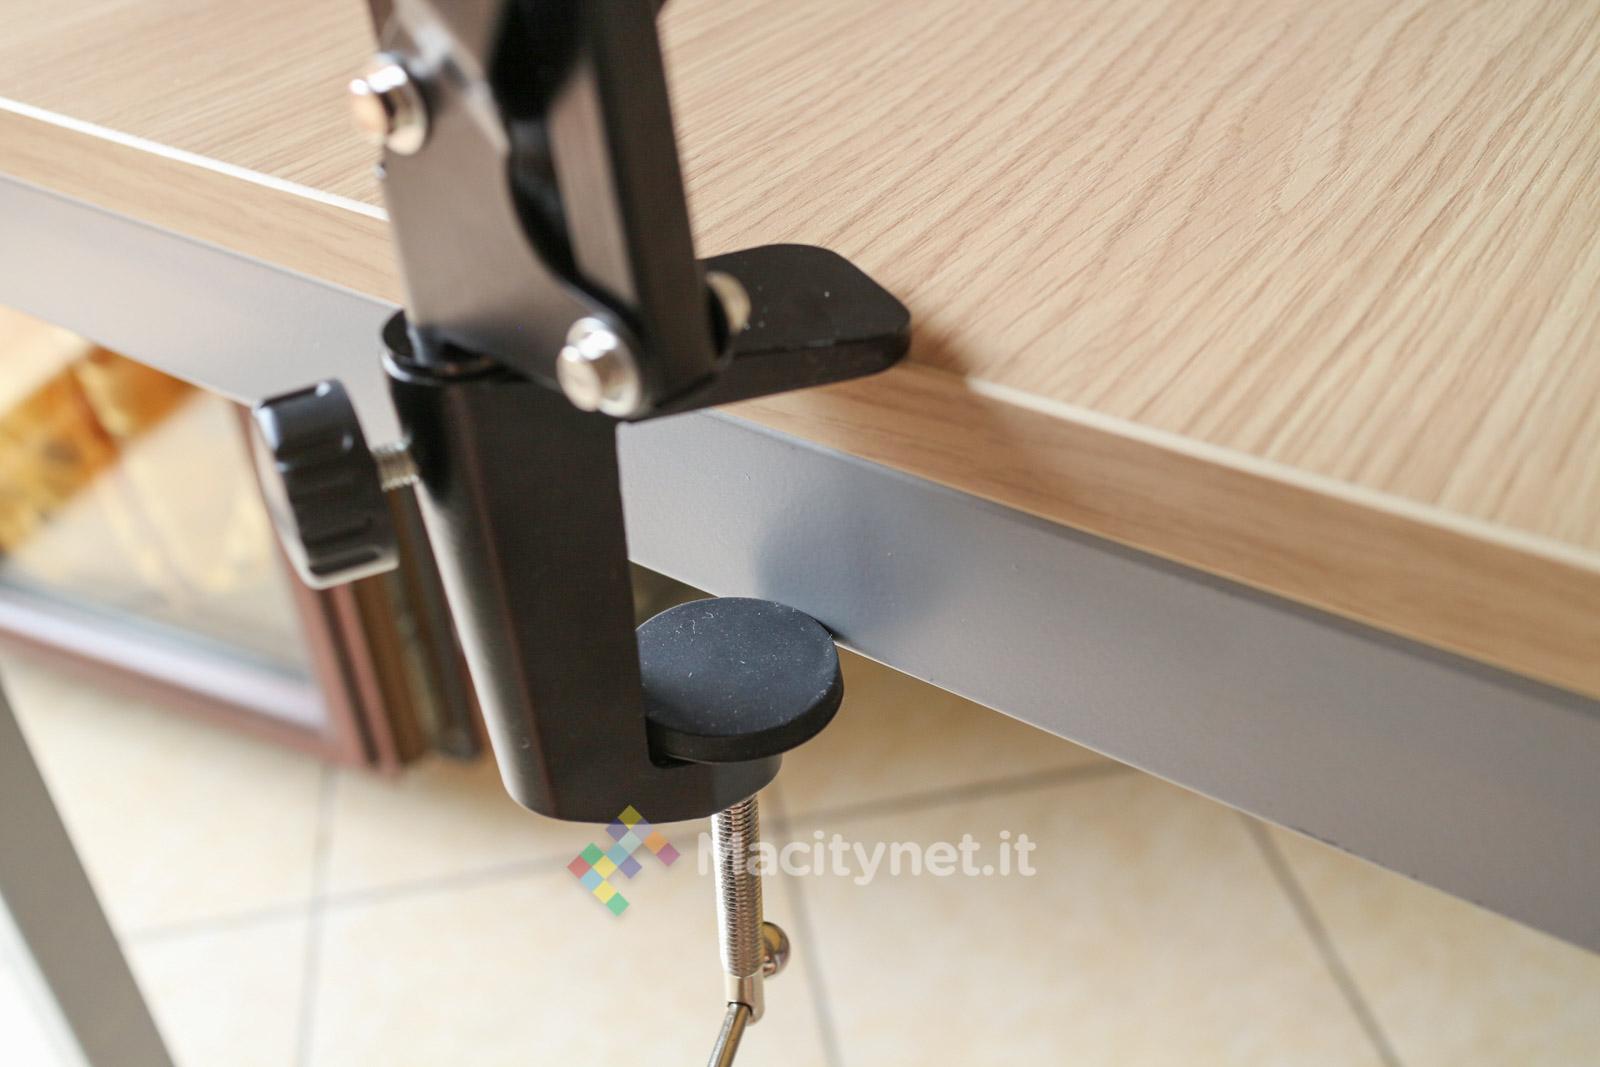 Recensione TaoTronics TT-HS07, il braccio che tiene iPad sospeso in aria